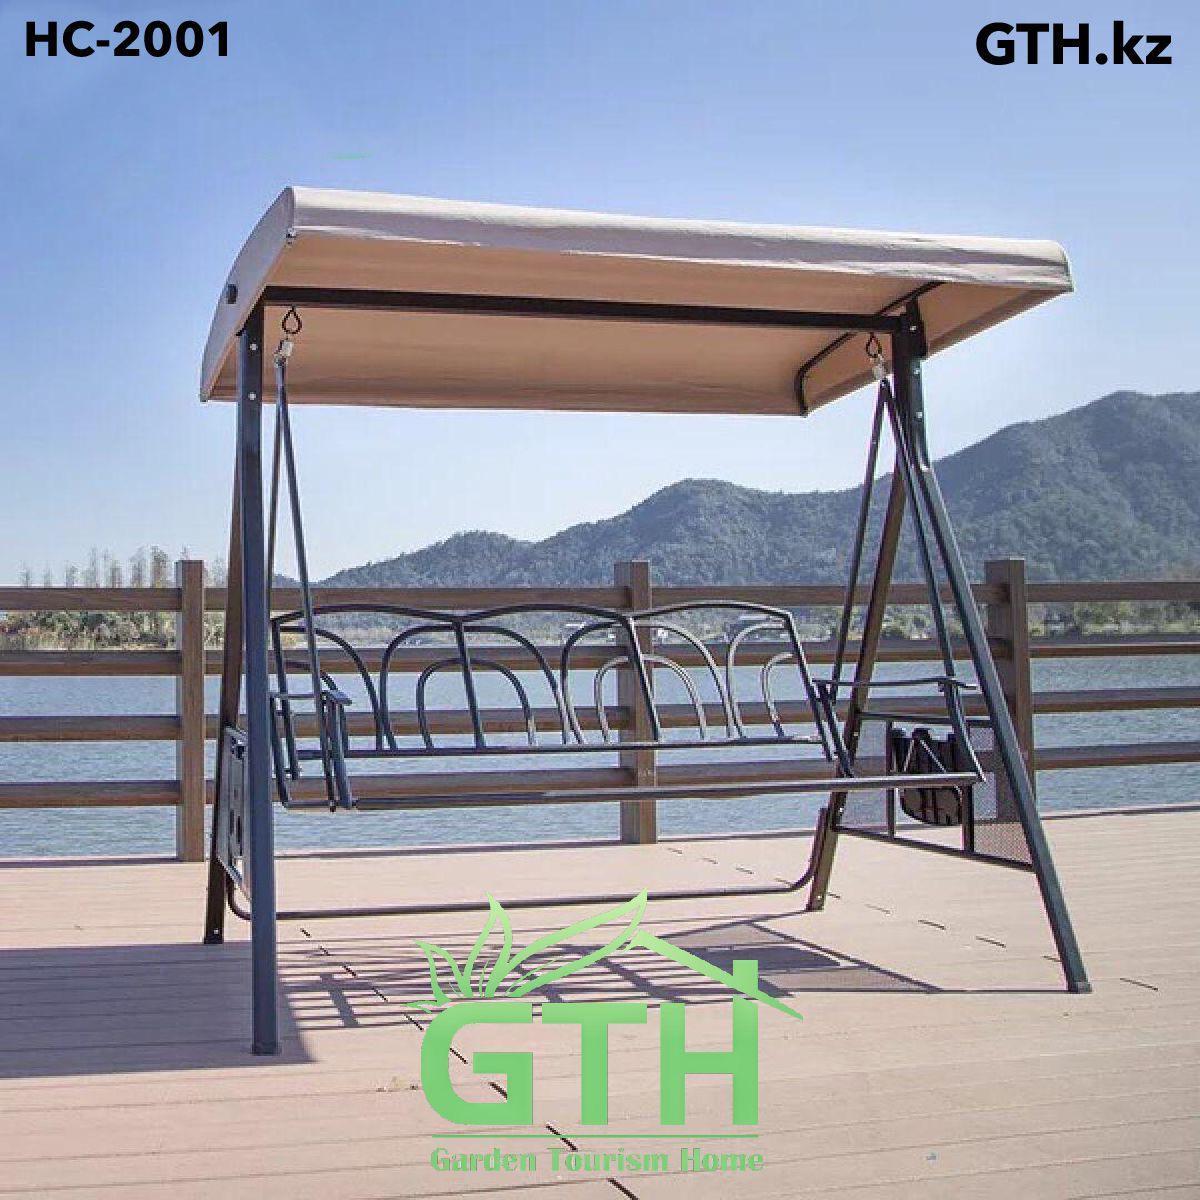 Садовые качели HC-2001. Трехместные, нагрузка 250 кг. Доставка и сборка. - фото 2